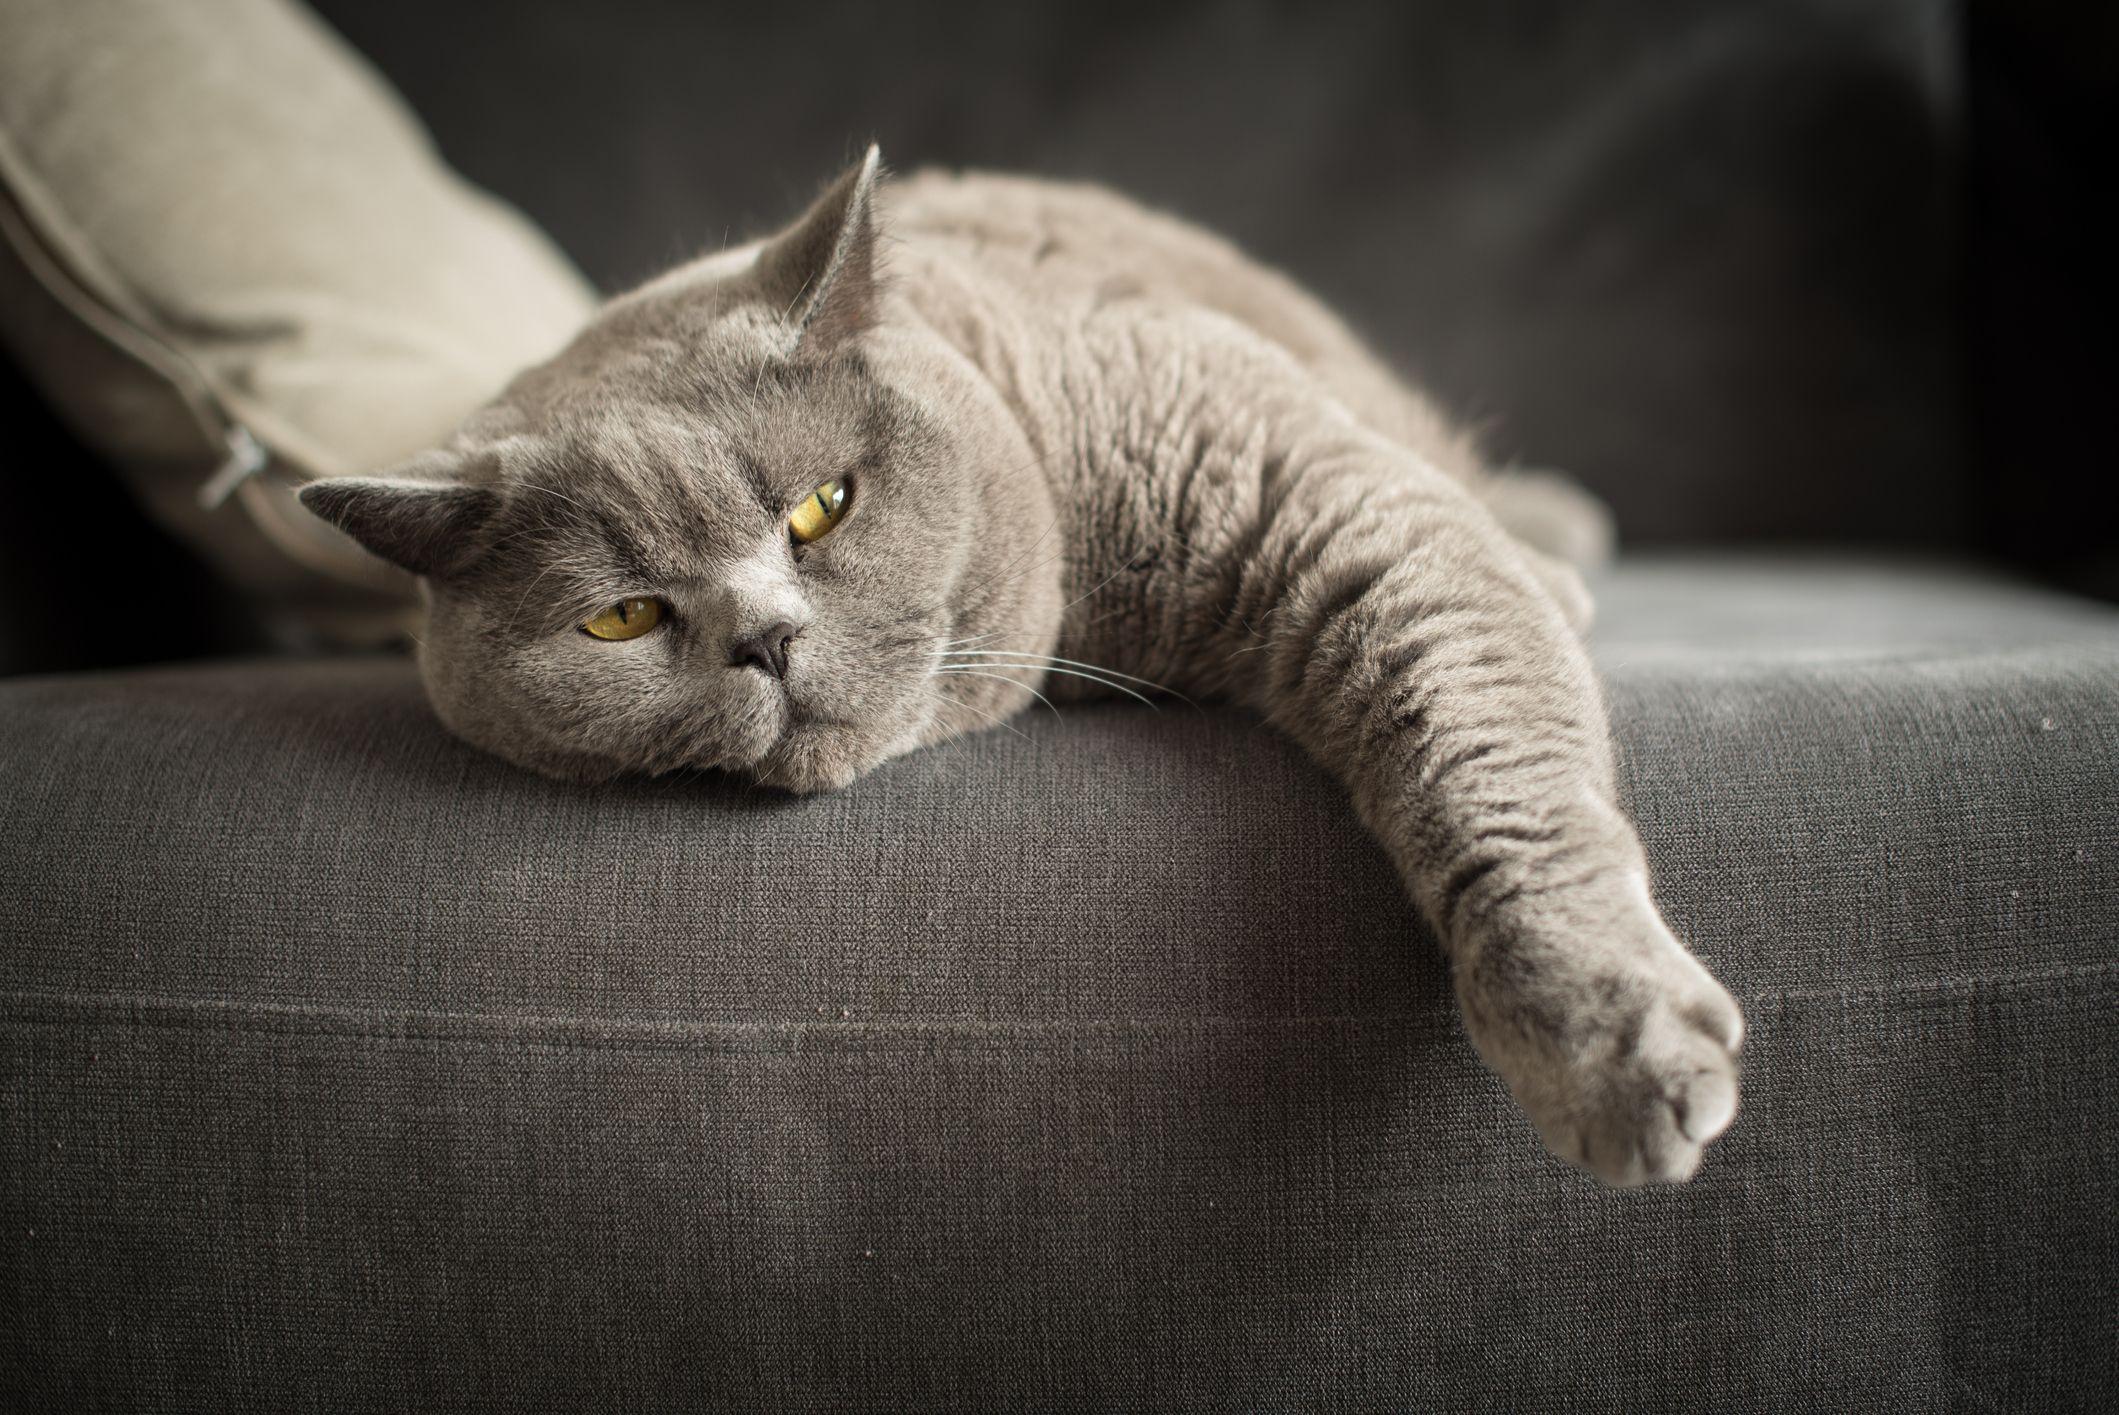 Tak Robia To Absolutnie Swiadomie Zeby To Sprawdzic Zbadano Reakcje 78 Futrzakow Best Cat Breeds Cats Quiet Cat